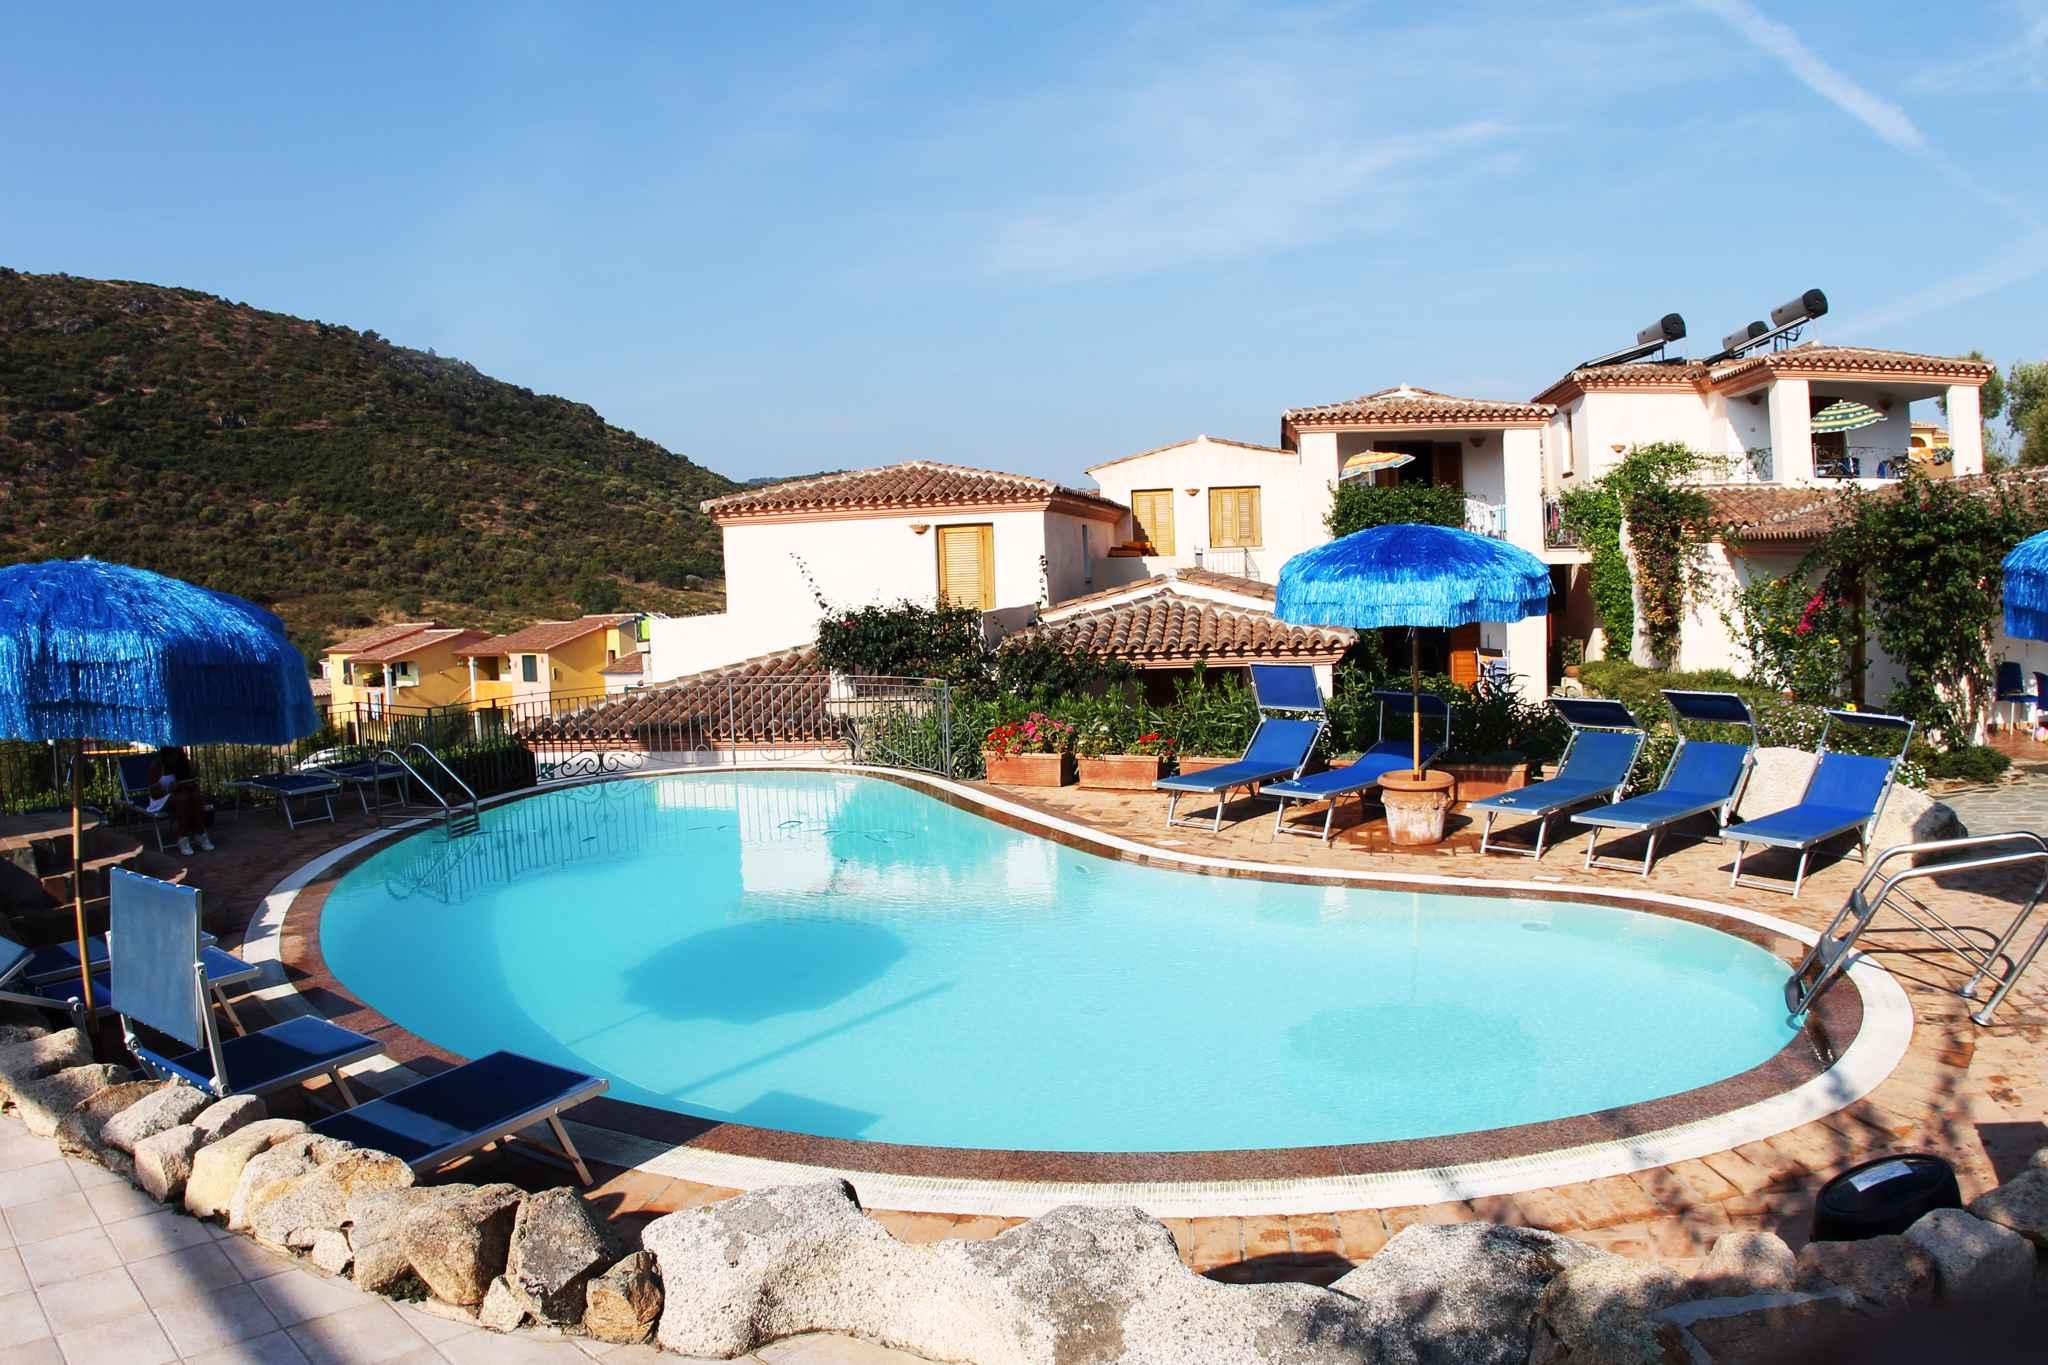 Ferienhaus mit Pool und Klimaanlage (2218540), Budoni, Olbia-Tempio, Sardinien, Italien, Bild 6